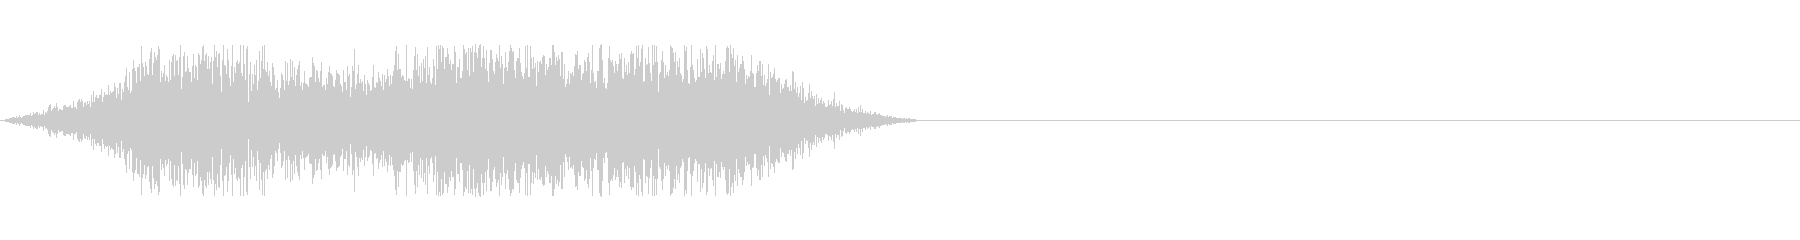 モンスターのアタック時に(魔法の前等に)の未再生の波形